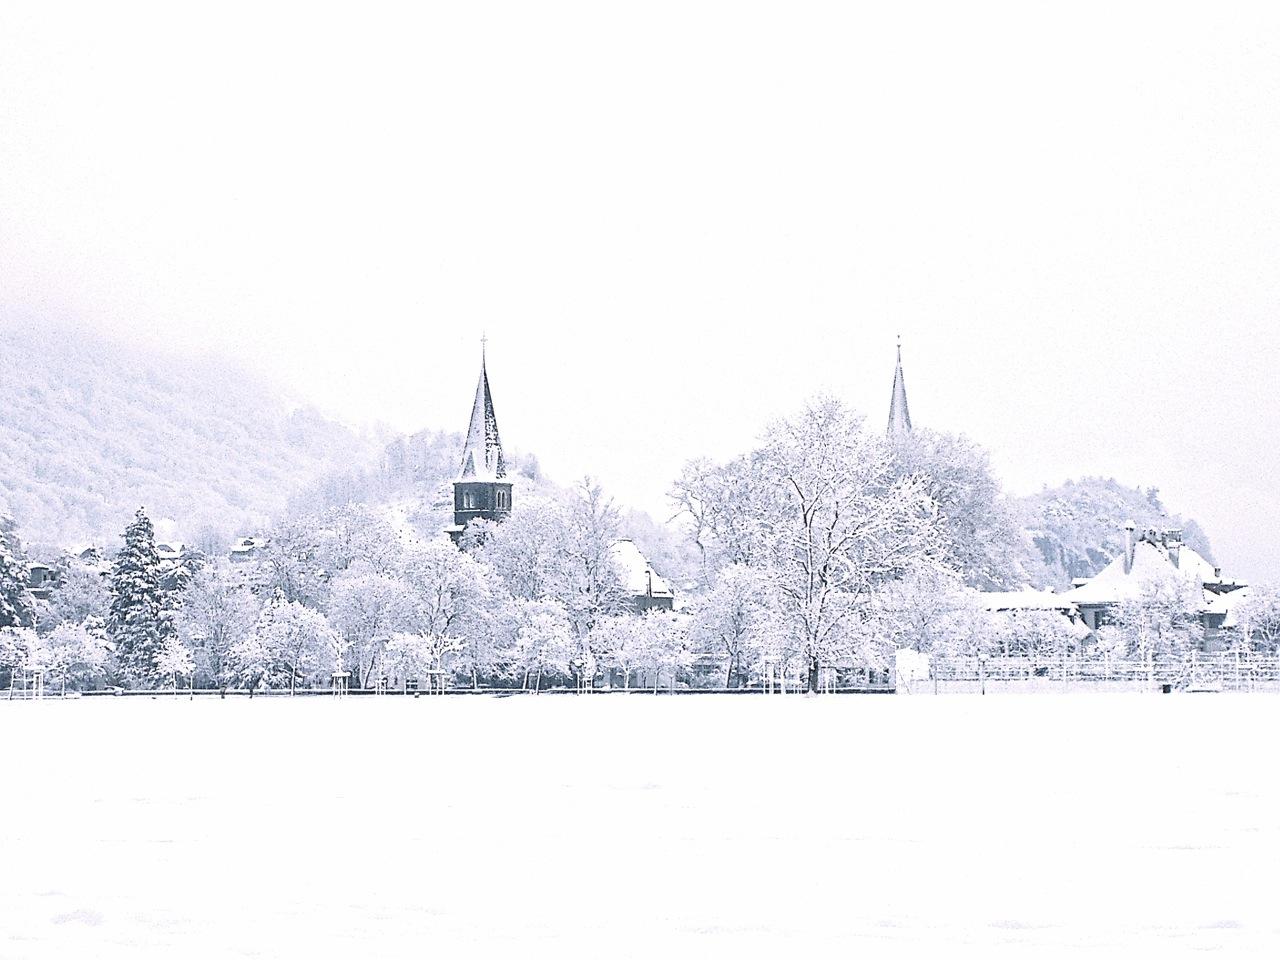 Snow. White. Interlaken. Switzerland.